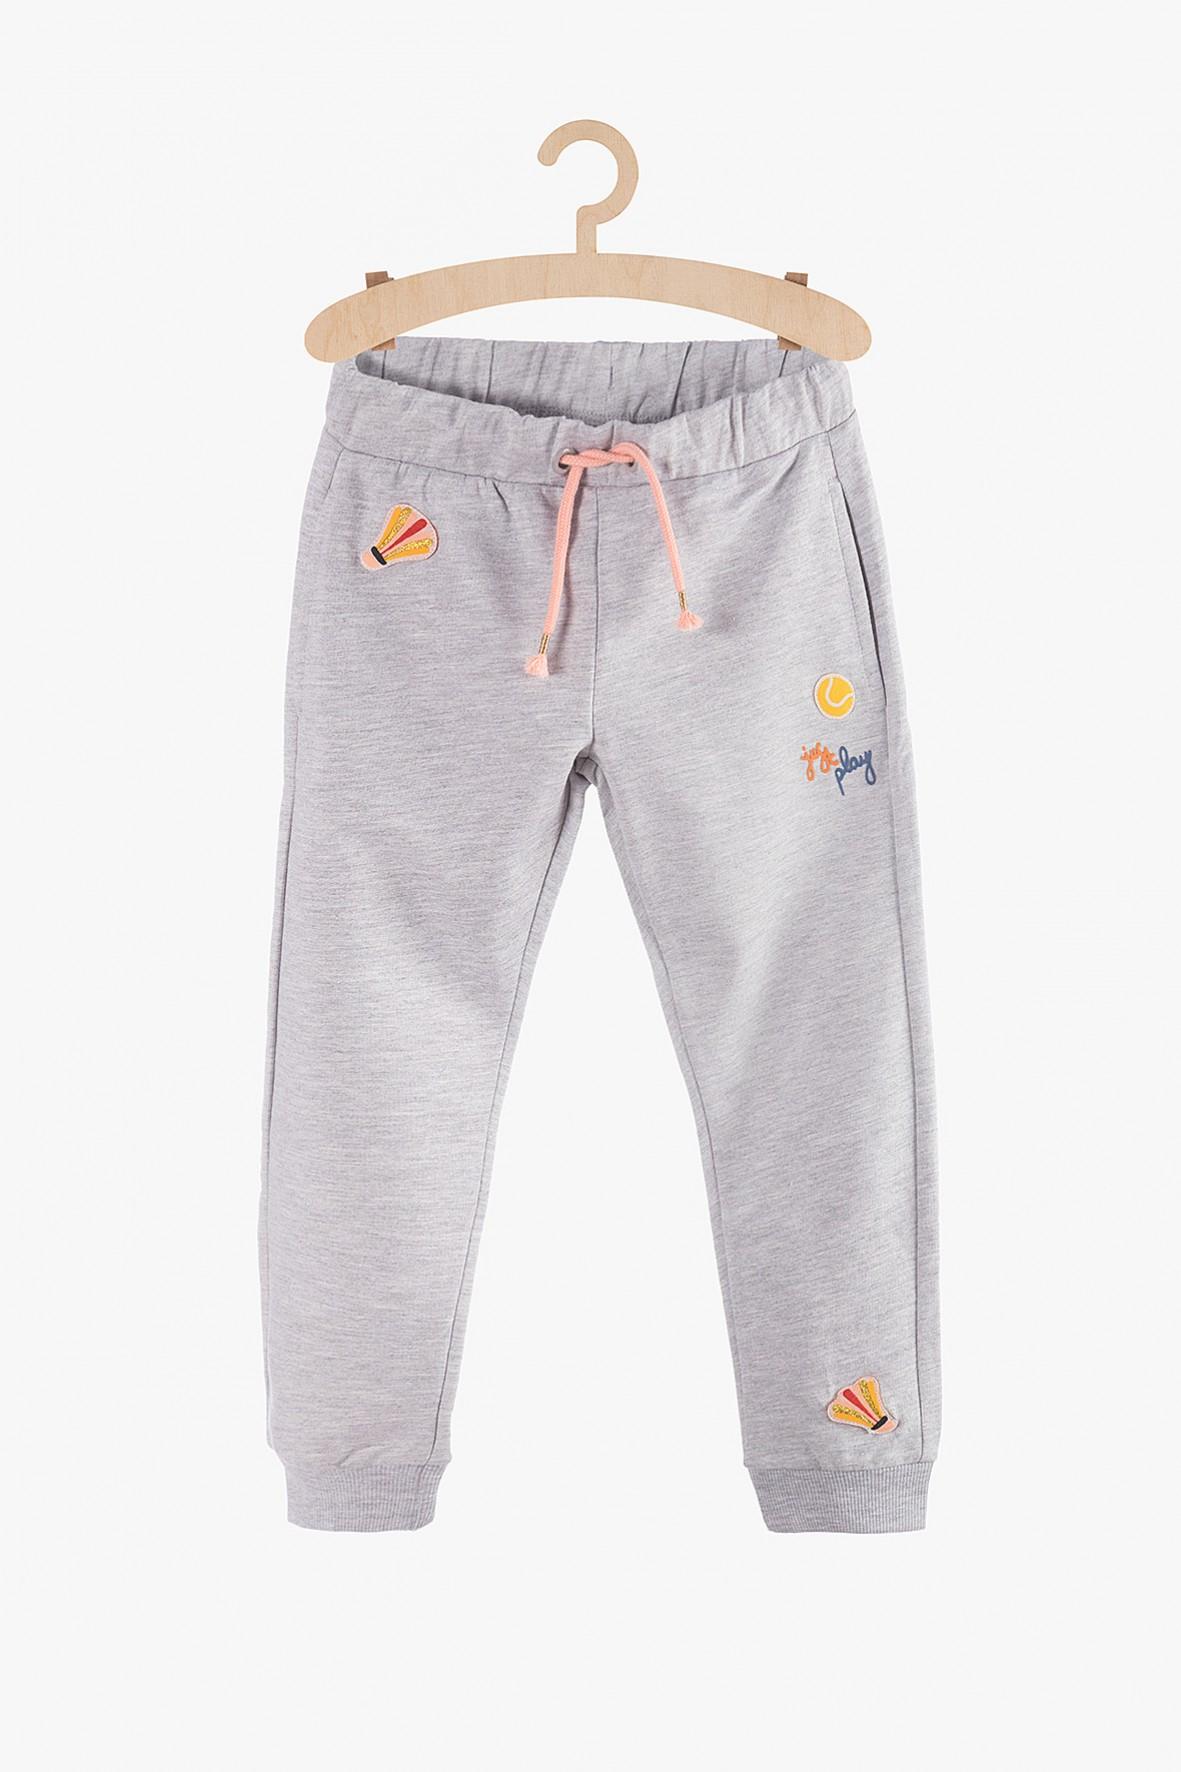 Spodnie dresowe dziewczęce- szare z ozdobnymi naszywkami